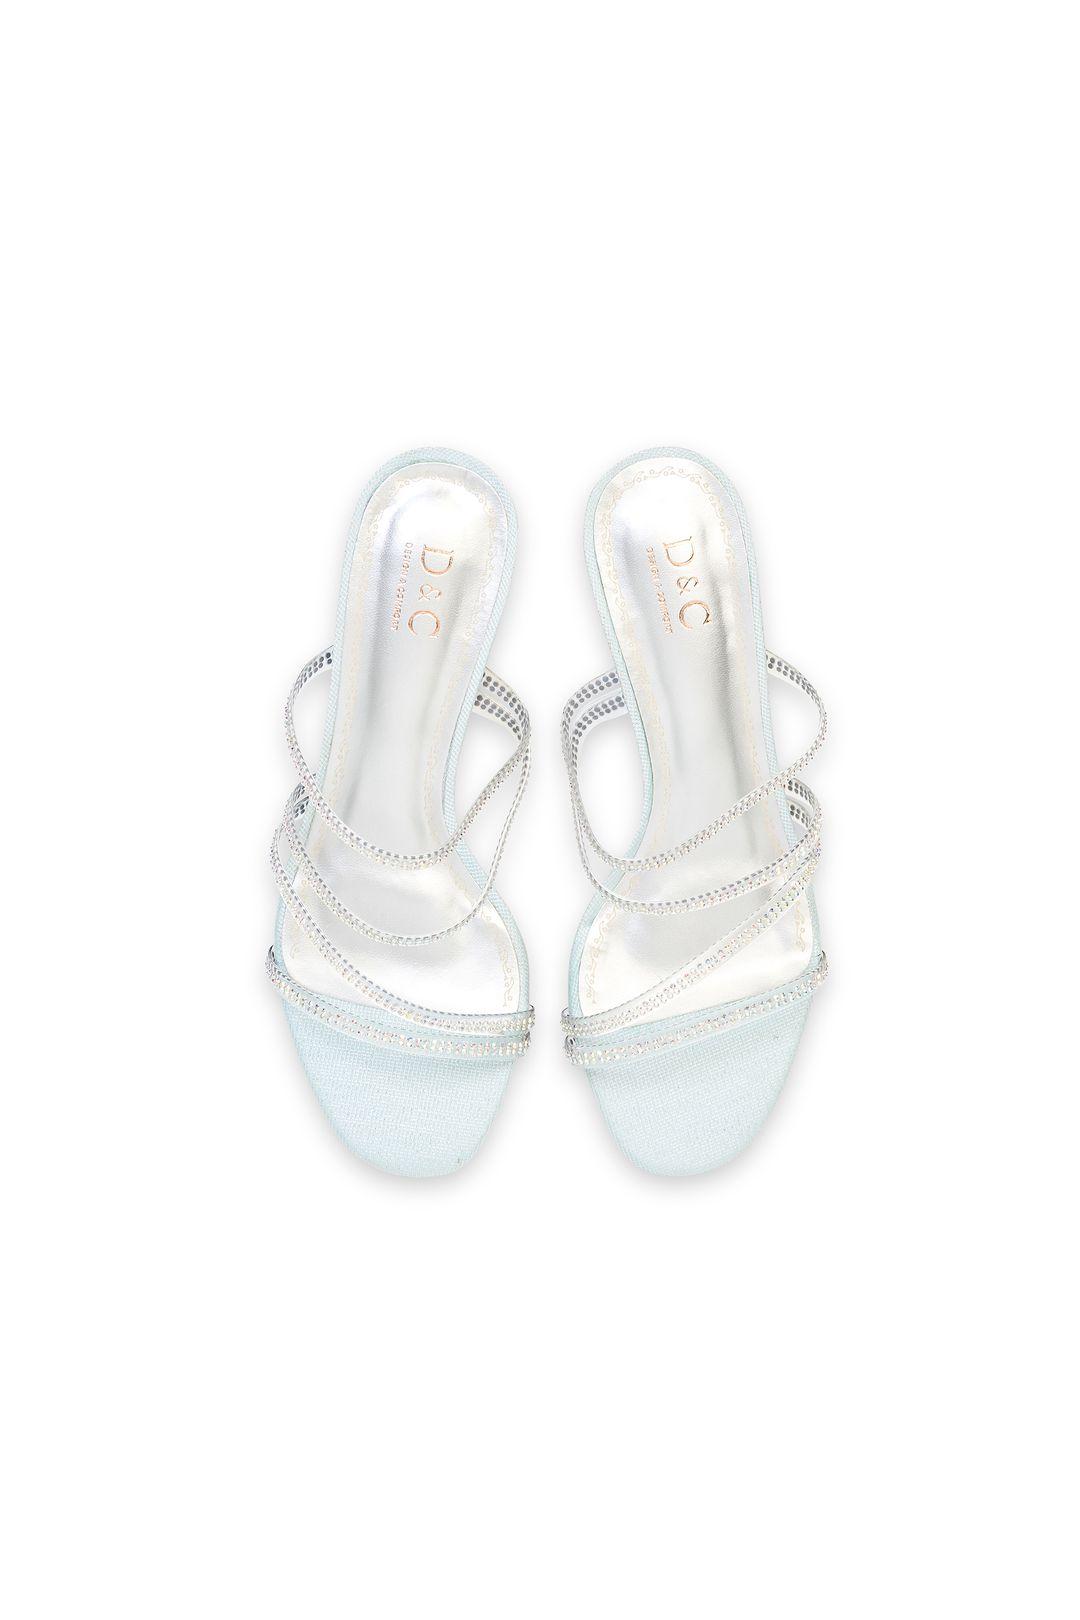 Crystal Embellished Lucite Strappy Block Heel Sandals